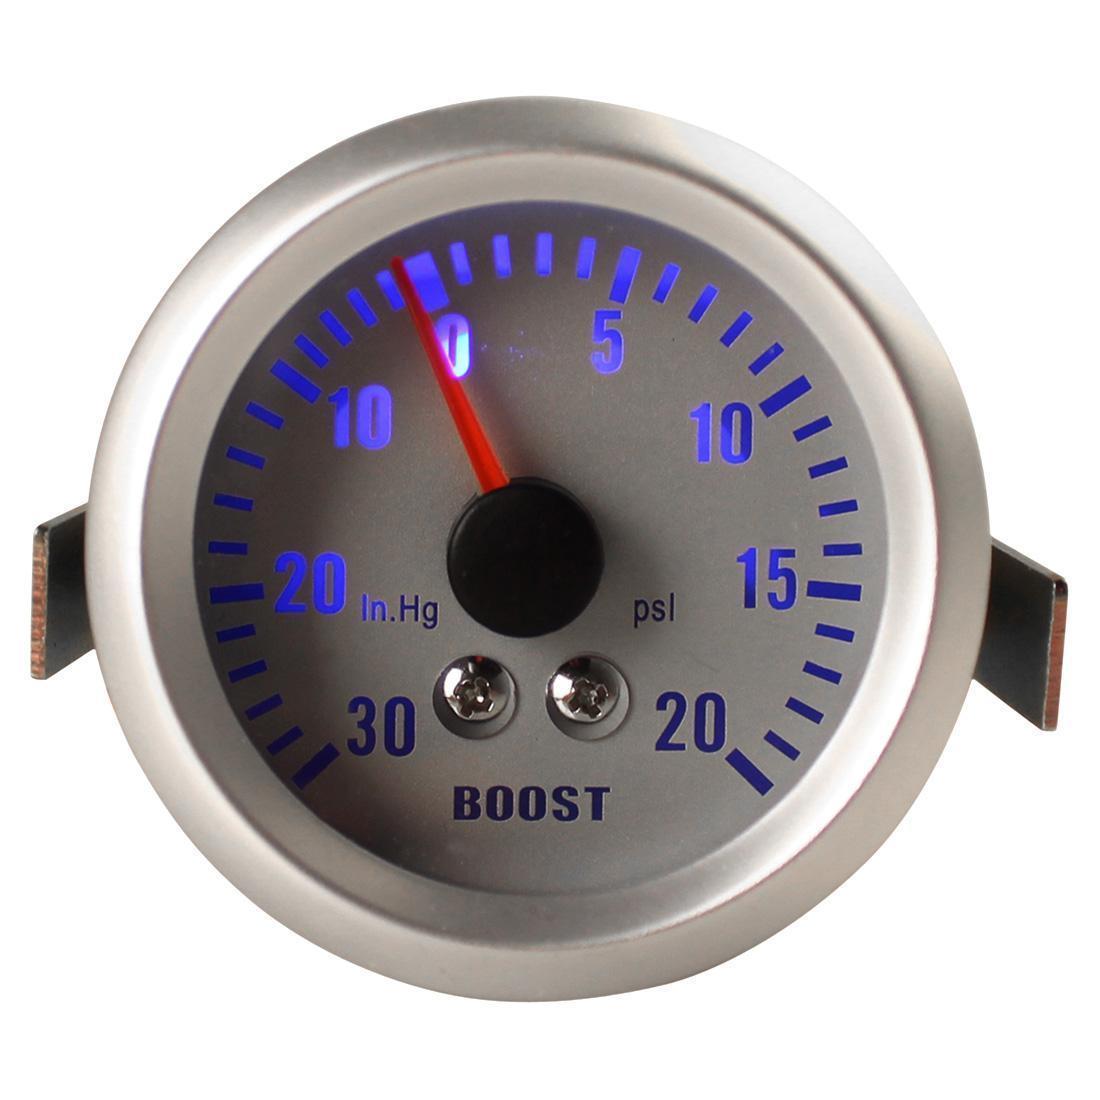 Silbergrau Farbe 2 52mm 0 ~ 30in .hg / 0 ~ 20 psi Auto-Auto Ladedruckanzeige Auto-Turbo-Boost-Messgerät Meter Cec _505